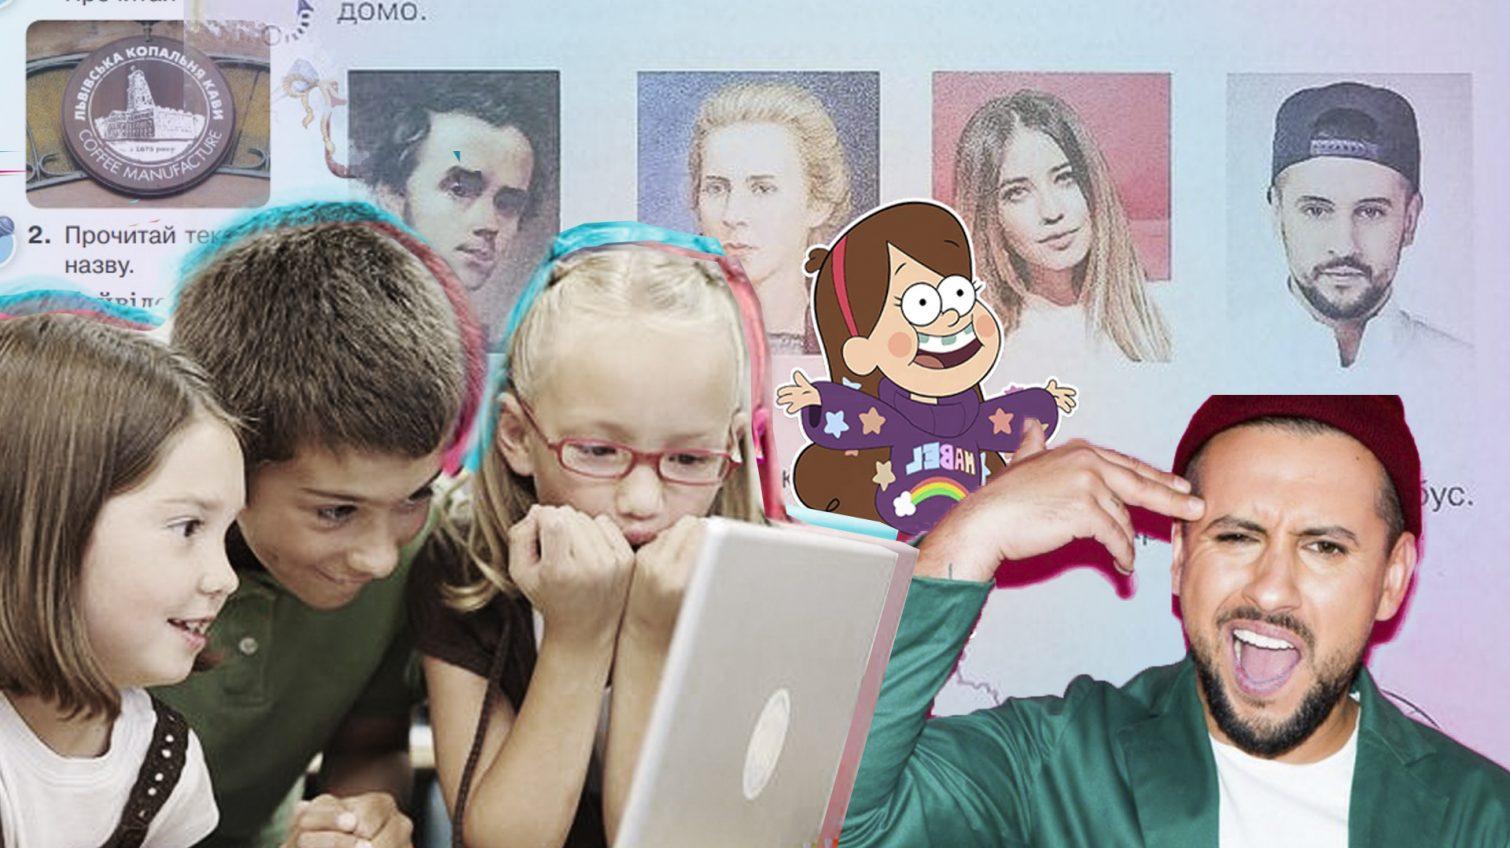 Монатик, реклама и фотожабы: что можно отыскать в украинских школьных учебниках «фото»